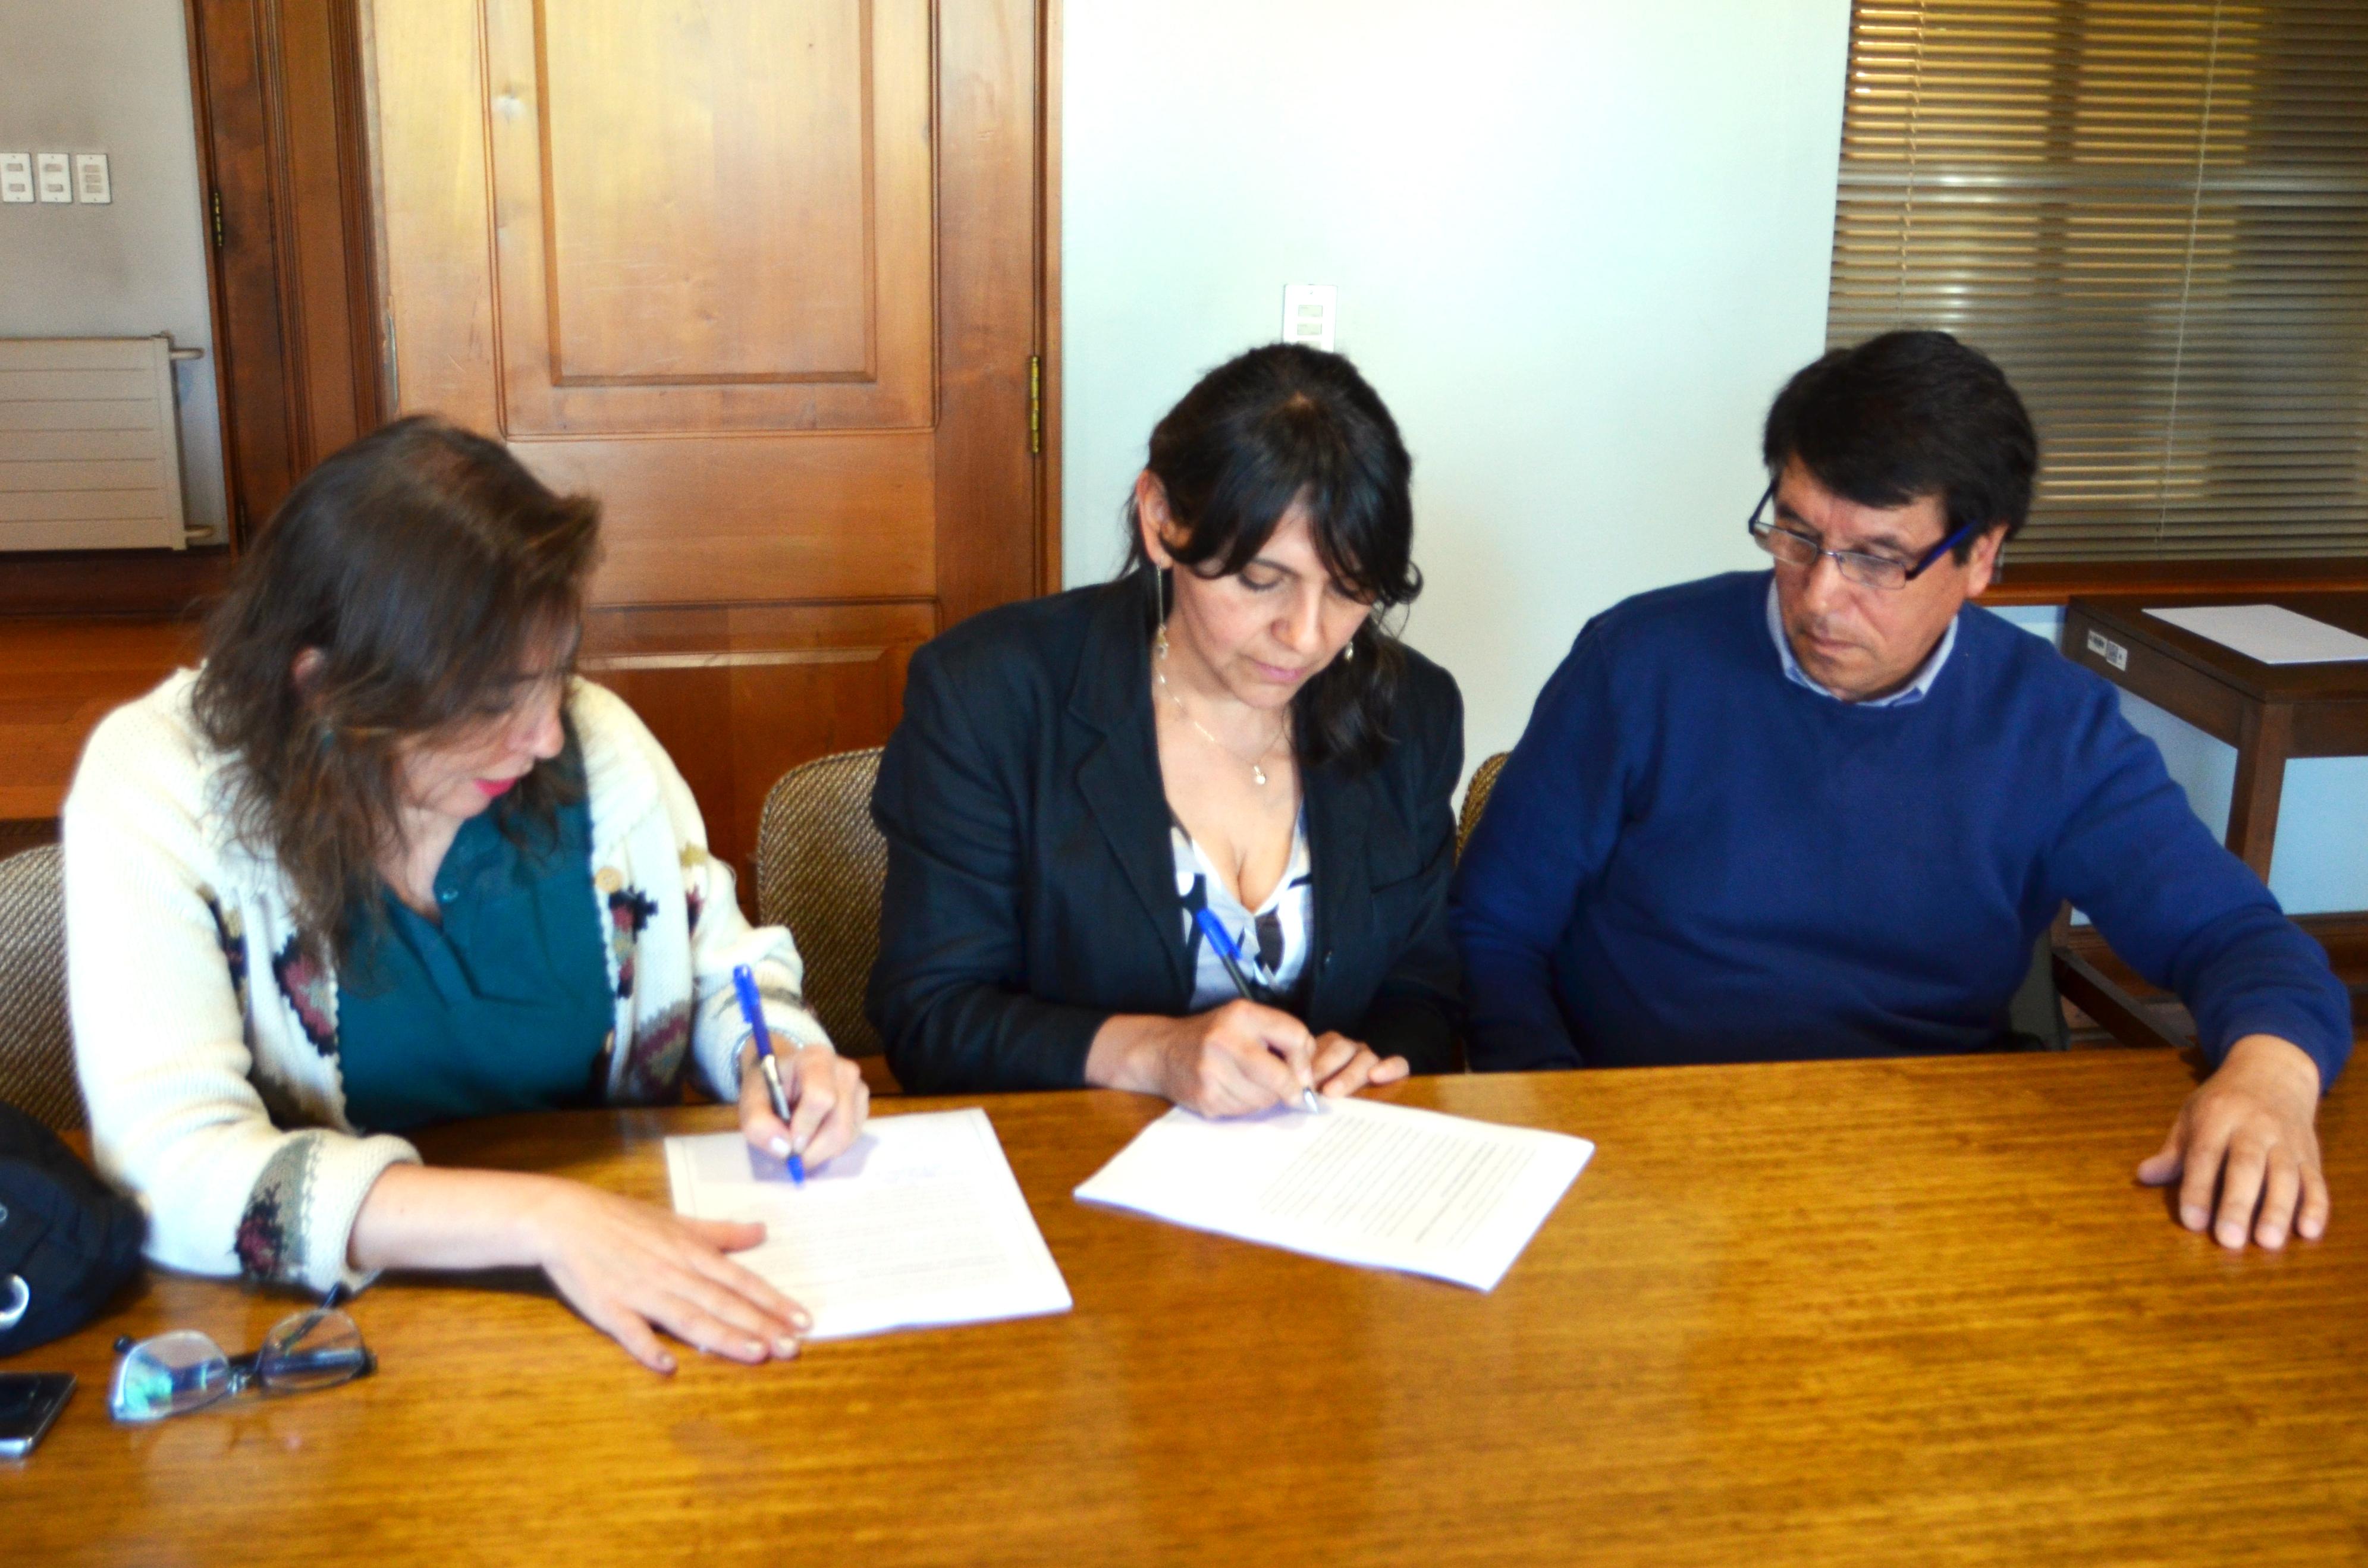 Directiva del SINDOC firmó un nuevo contrato colectivo (+ link para descargar el contrato)